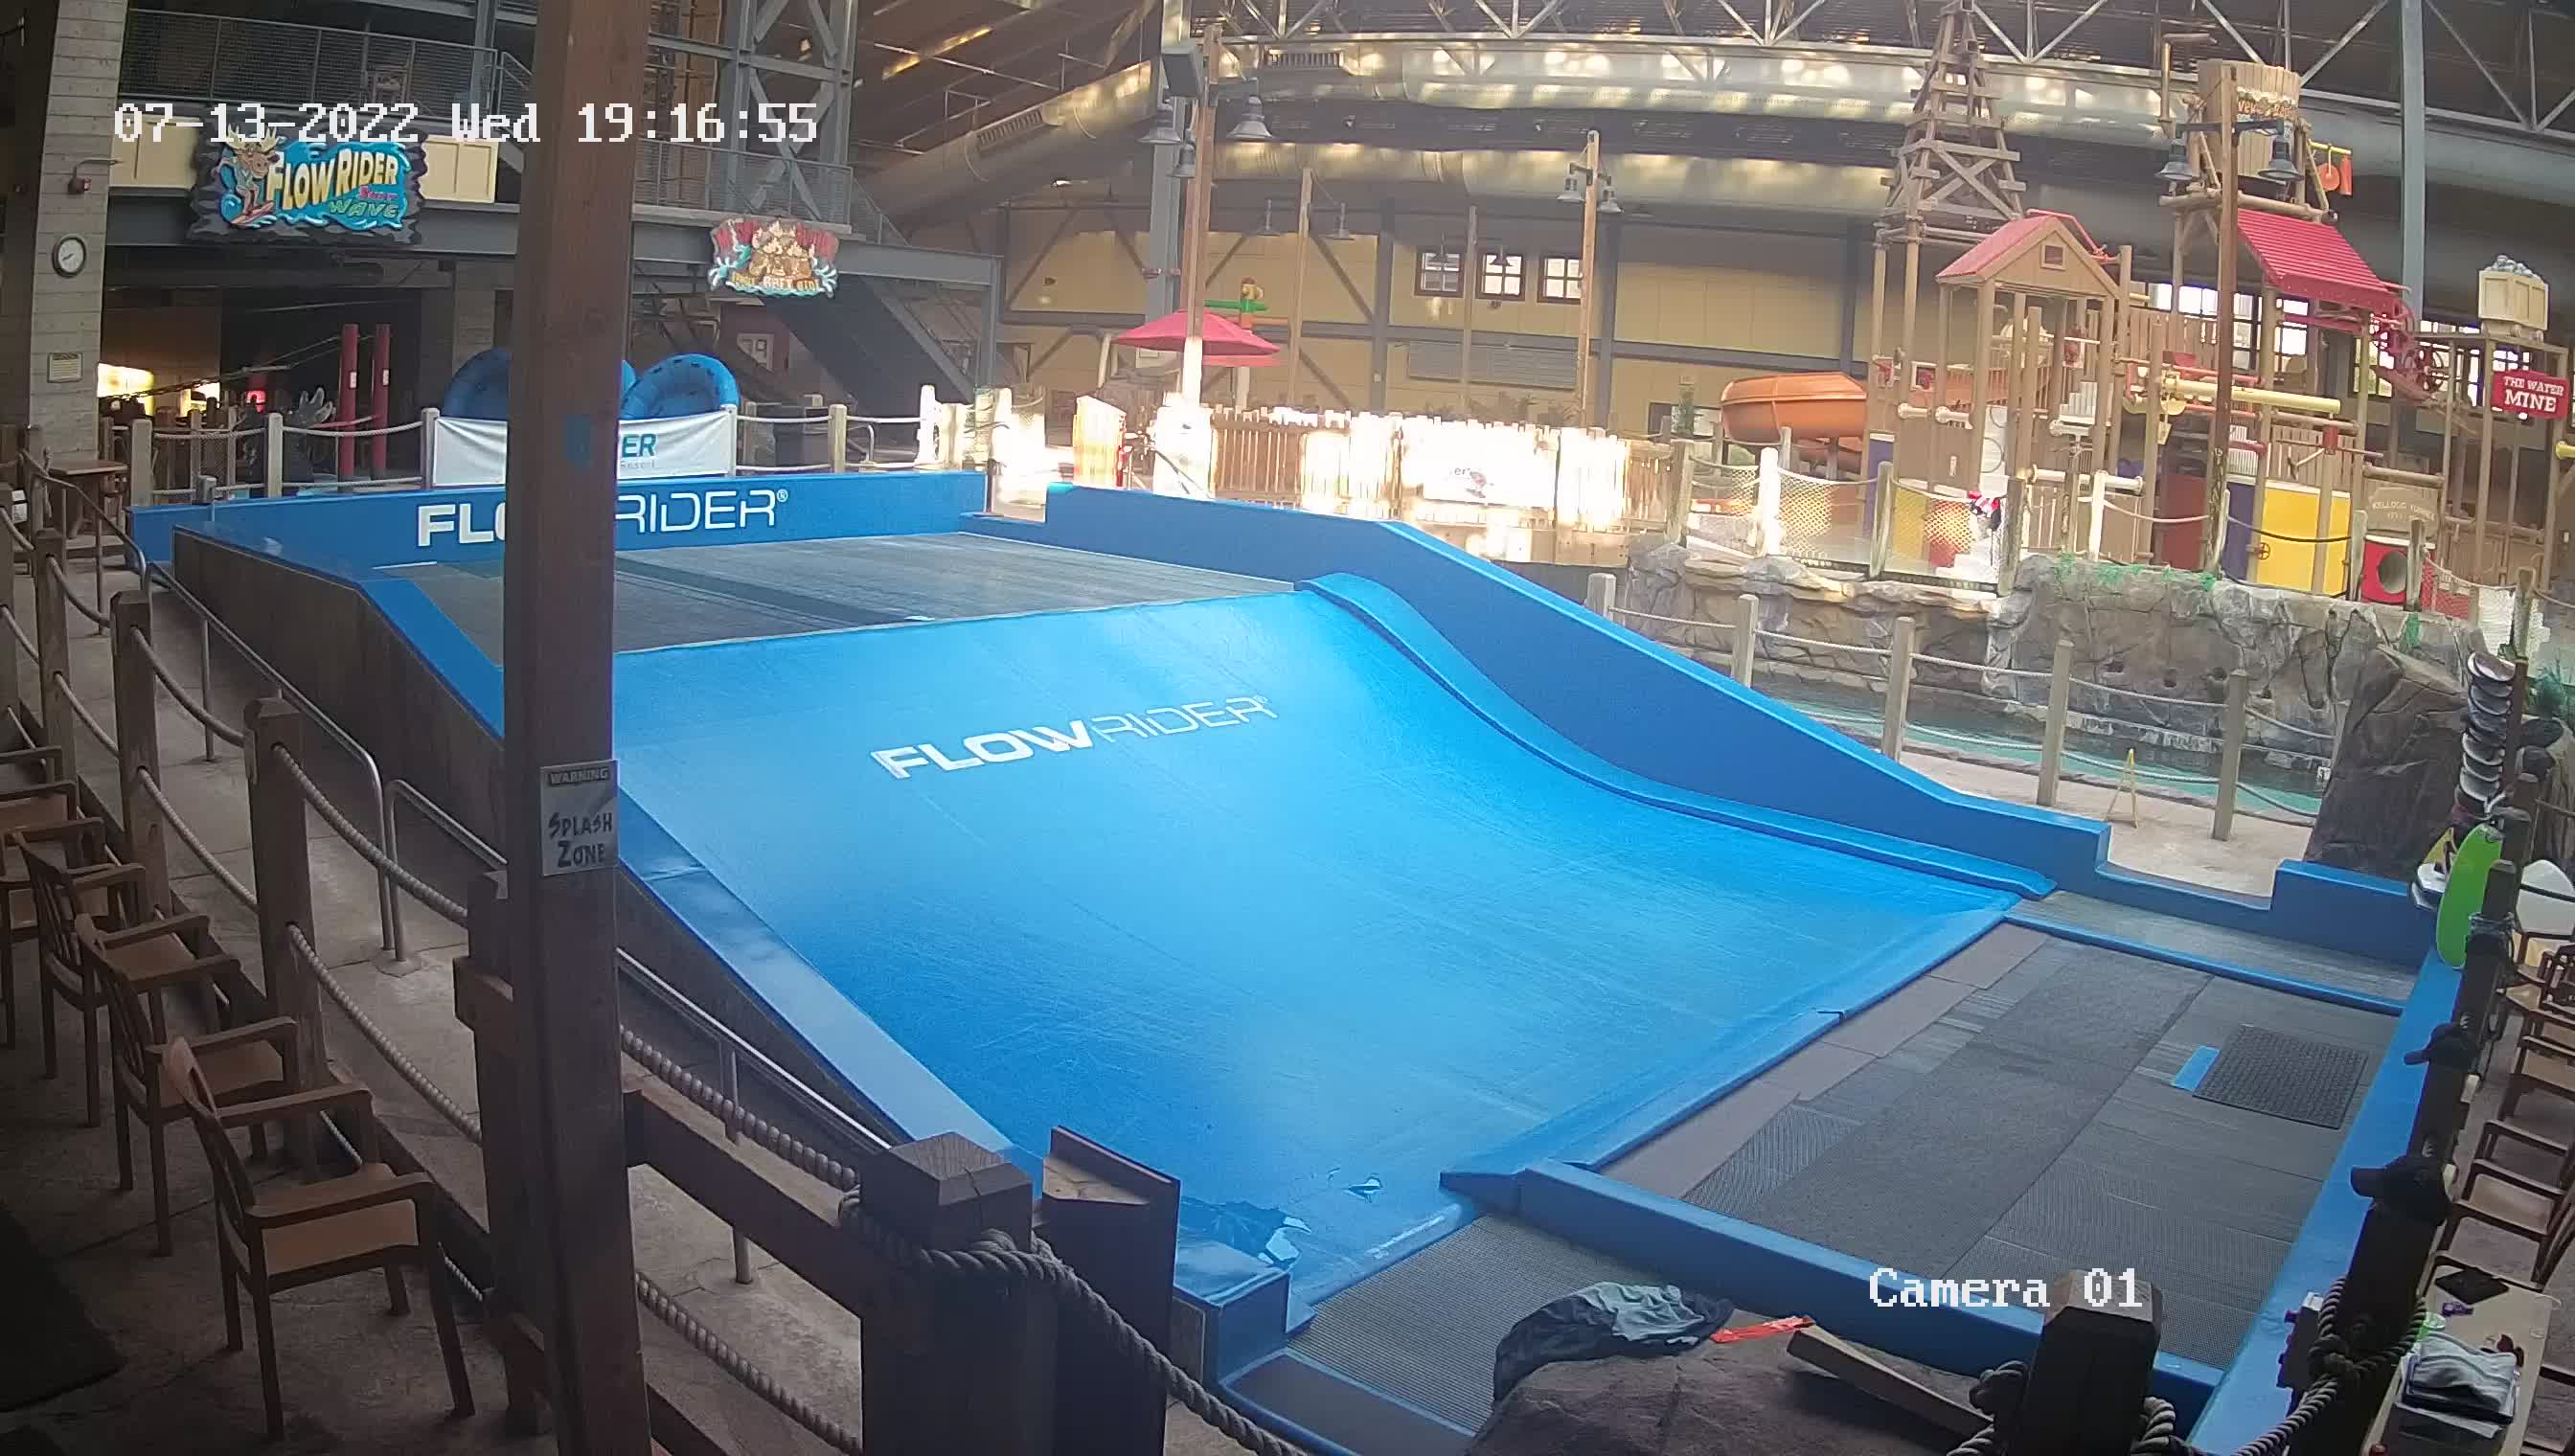 Silver Rapids Indoor Waterpark webcam